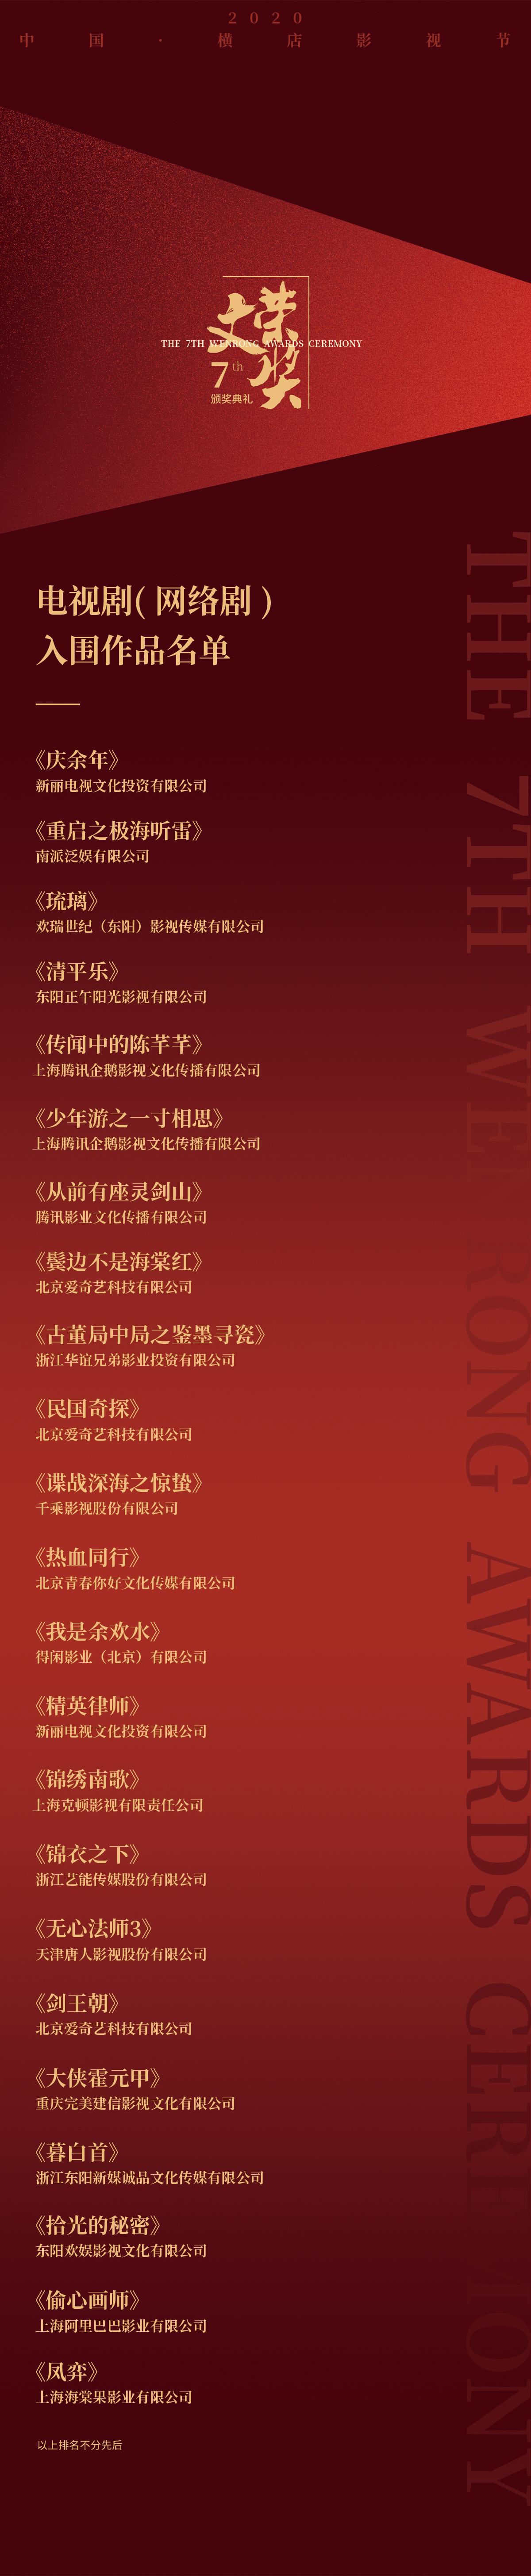 """《慶余年》等23部作品入圍第七屆""""文榮獎""""評選。 橫店提供"""